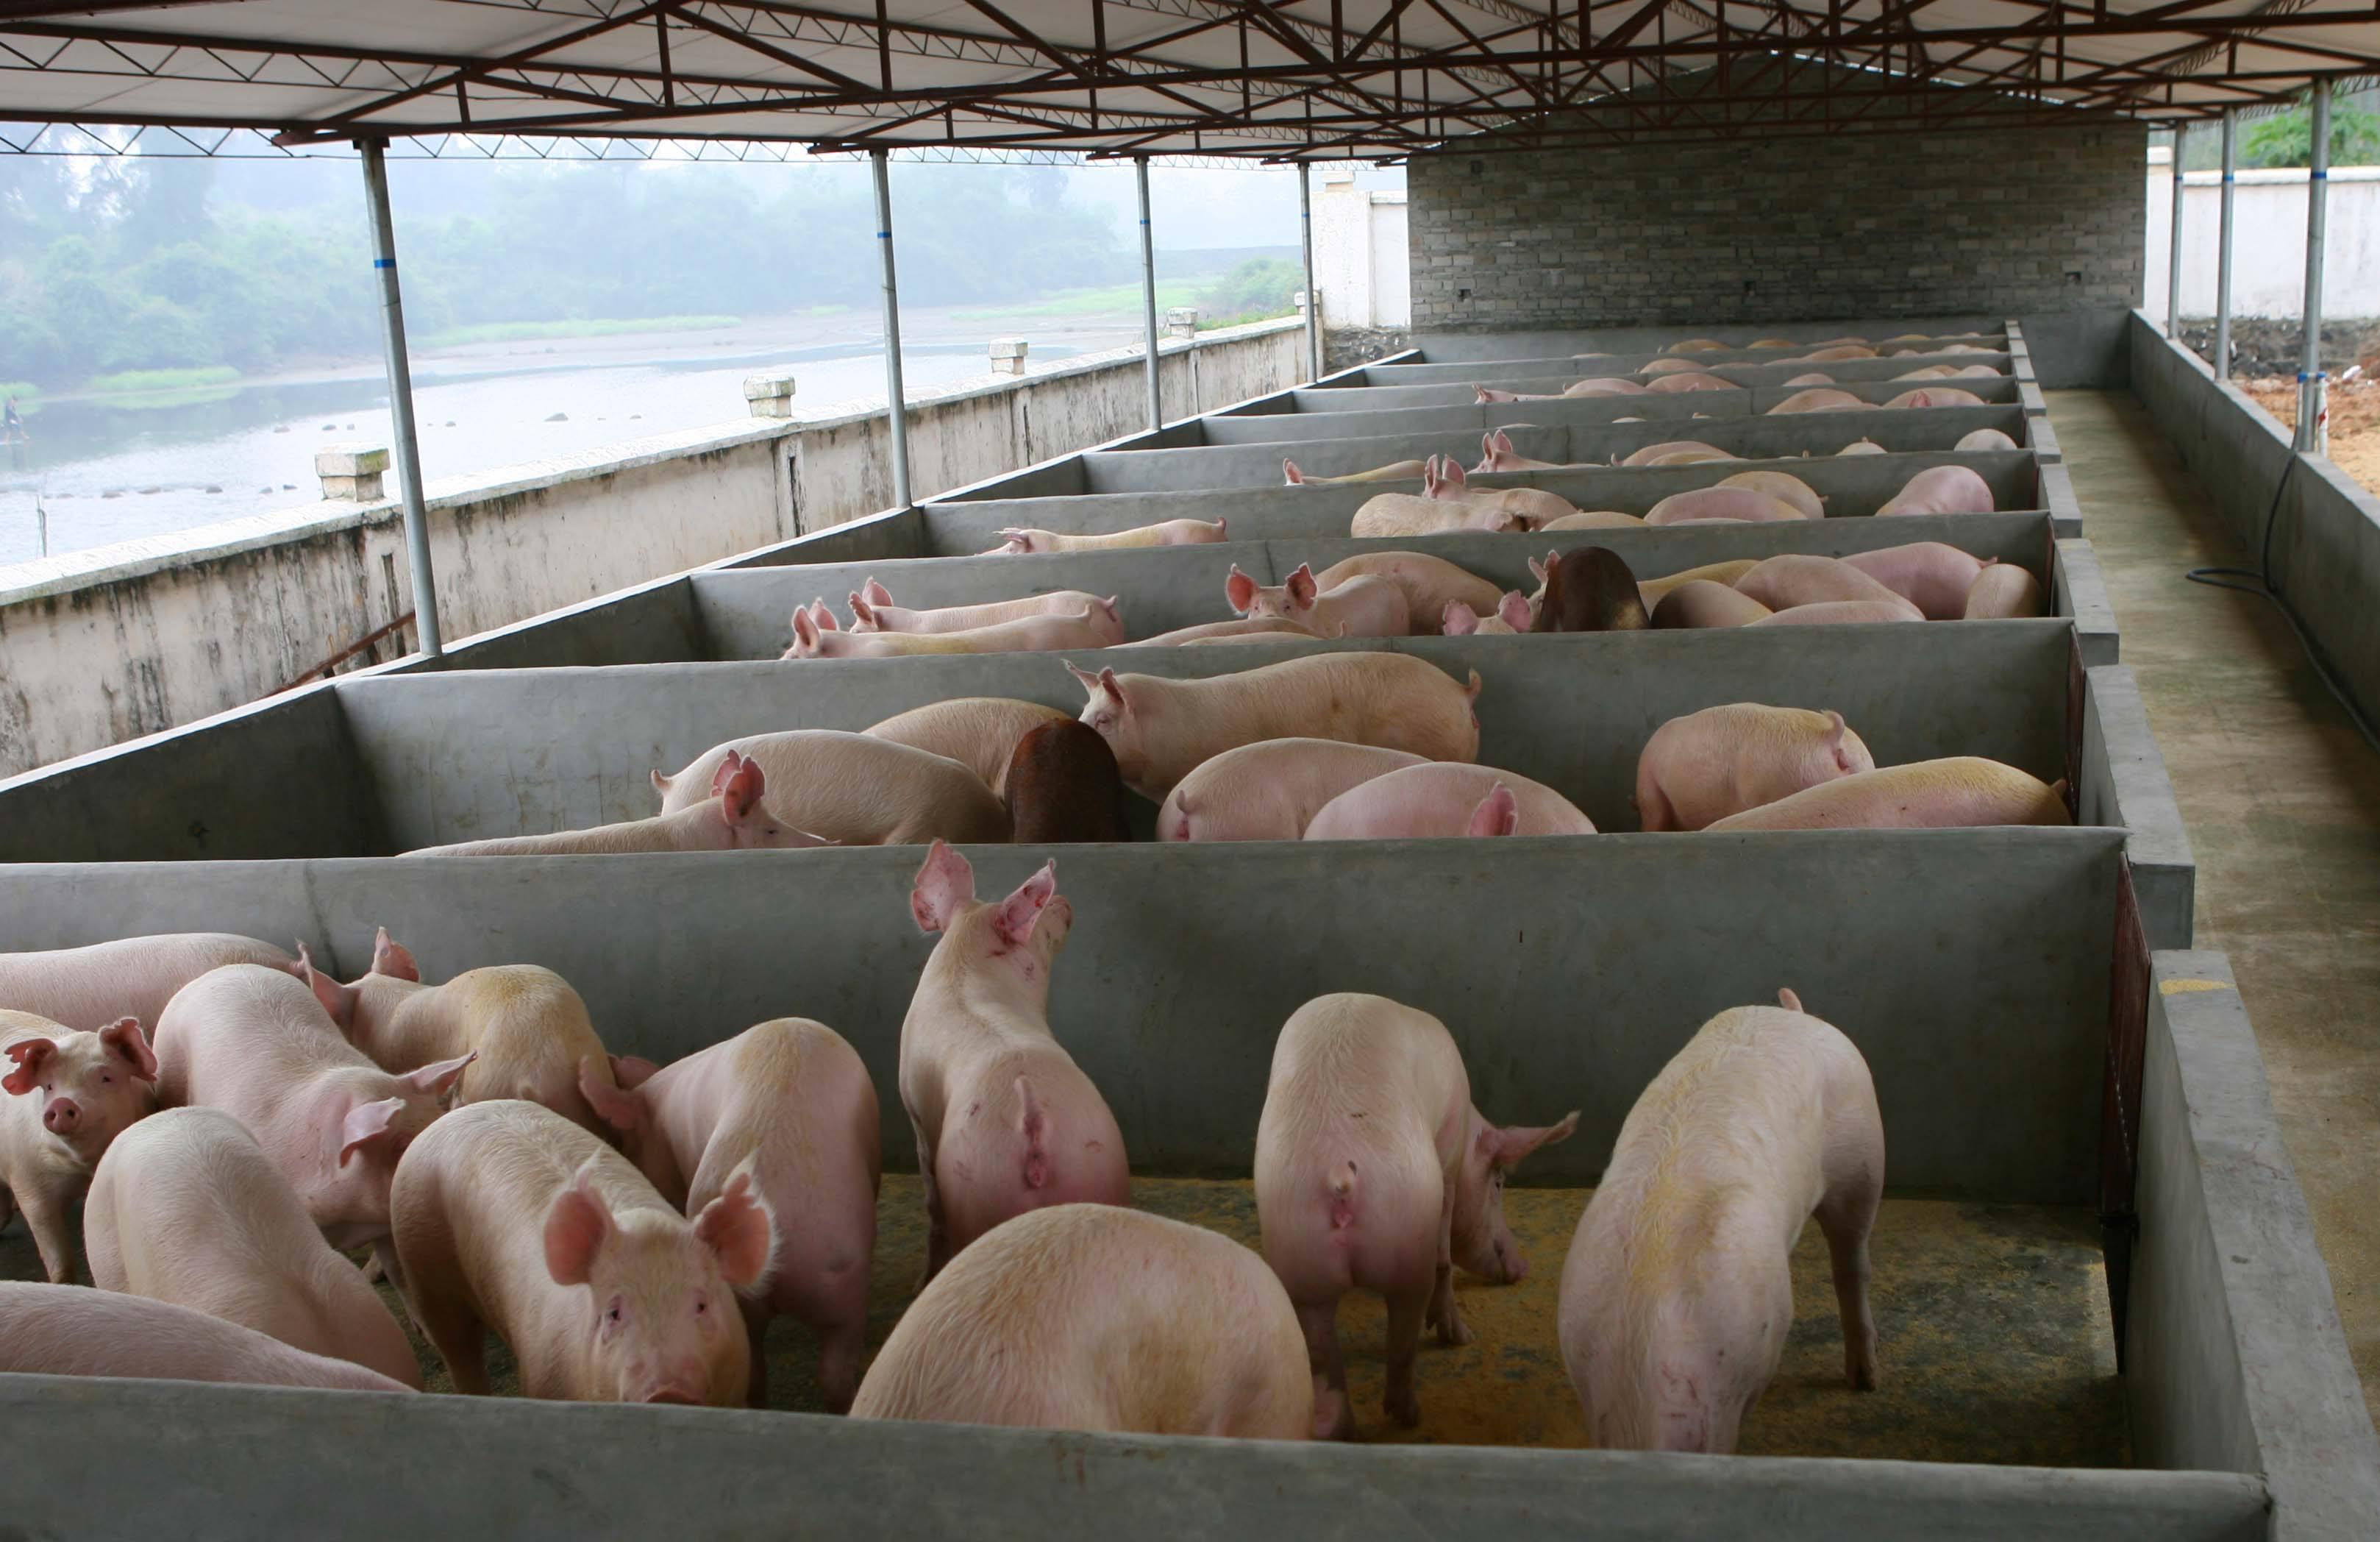 在大型猪场工作两年,自己回家做养殖是不是比打工强?大家觉得怎么样